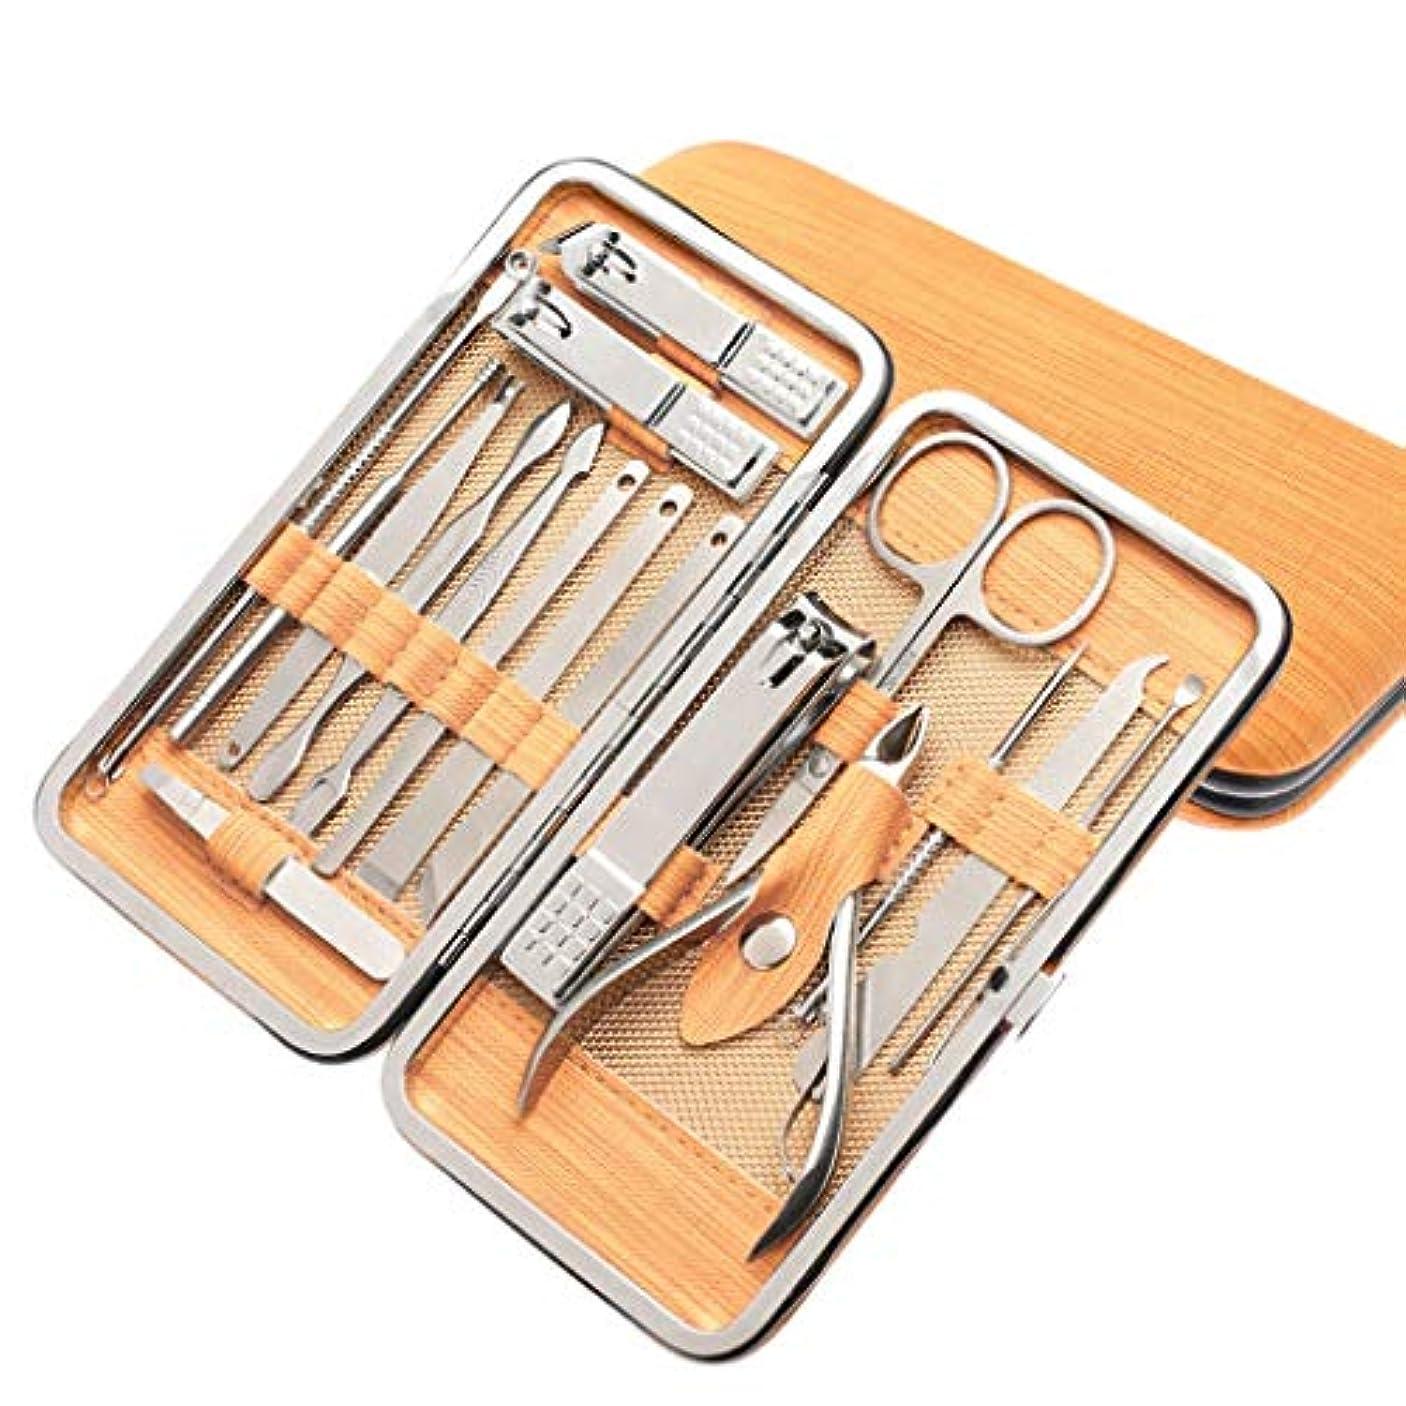 以来創傷スティーブンソン17pcsネイルクリッパーセット-ステンレススチールパーソナルフェイシャル、ネイルケアツール&ペディキュアセット、マニキュアトラベル&グルーミングキット(黄色)